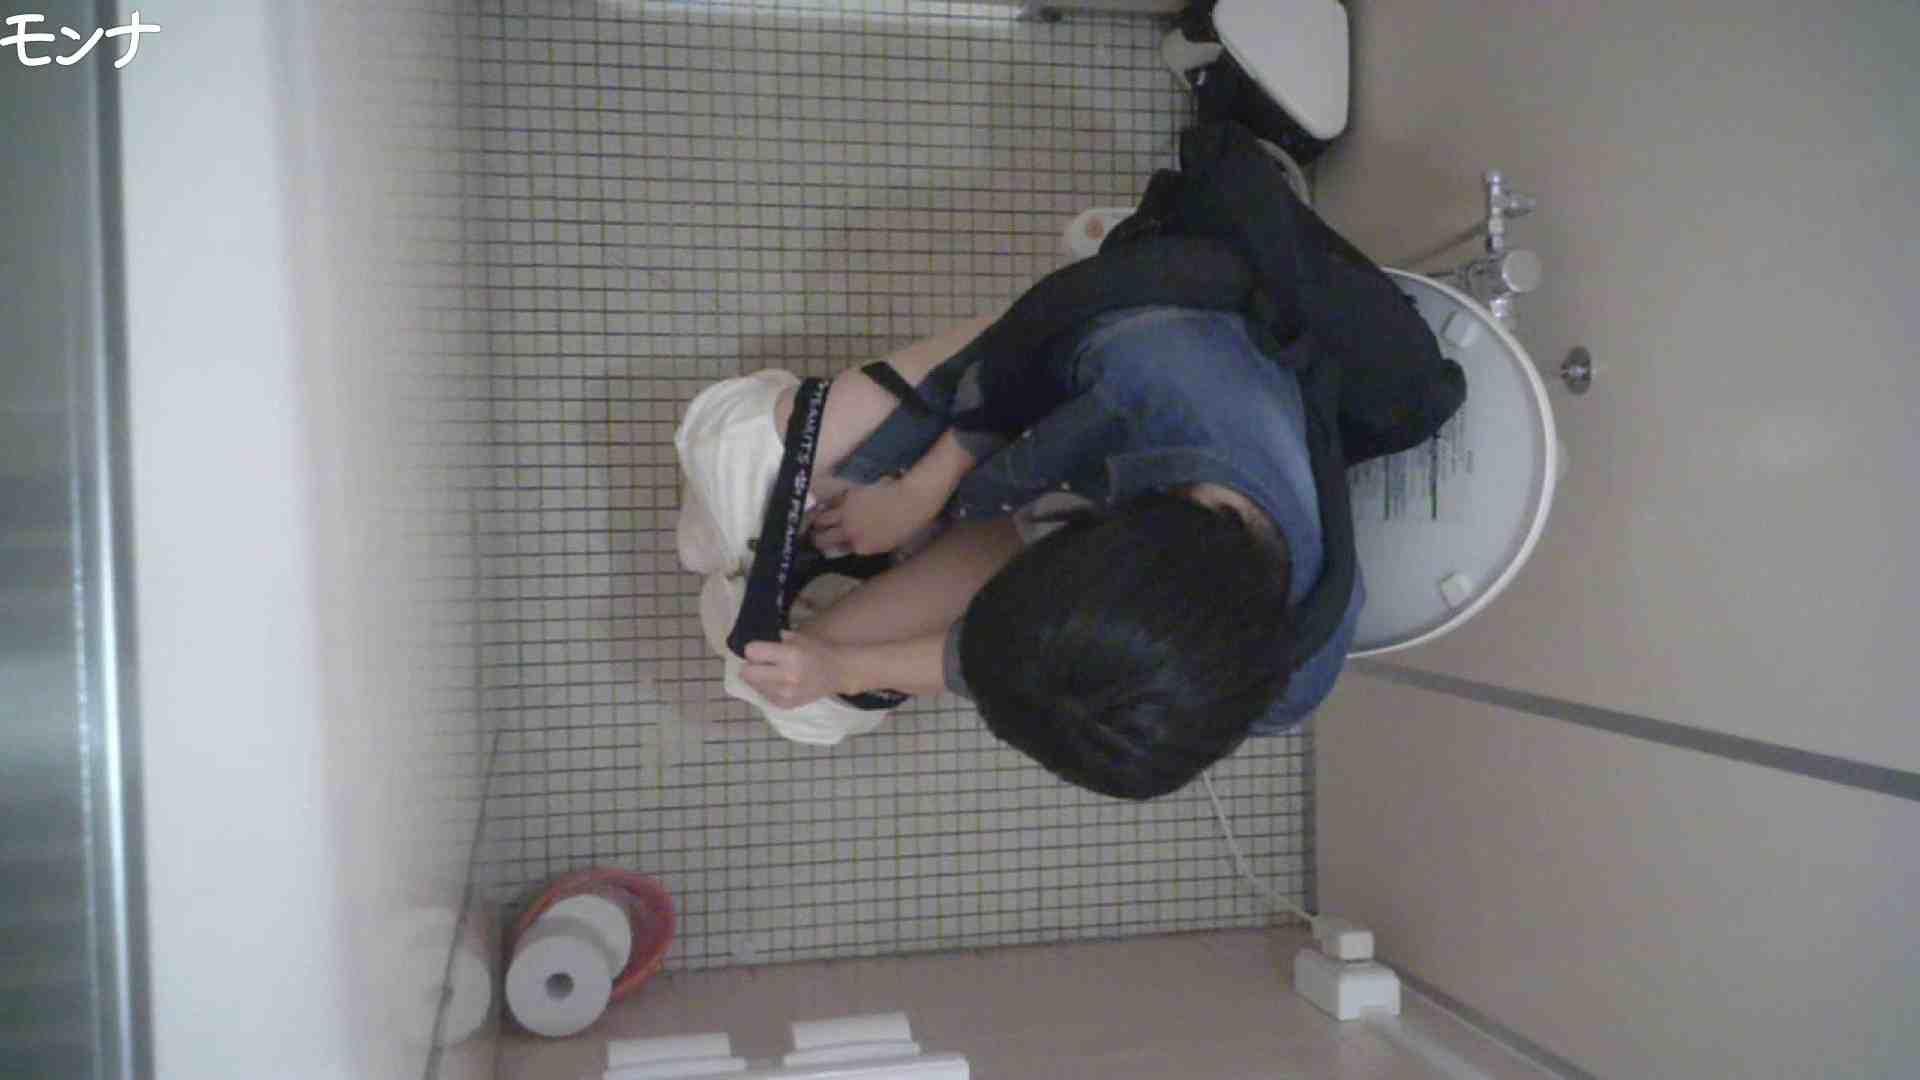 有名大学女性洗面所 vol.65 秘技!!マルチアングル天井撮り!! 投稿 ヌード画像 110枚 41